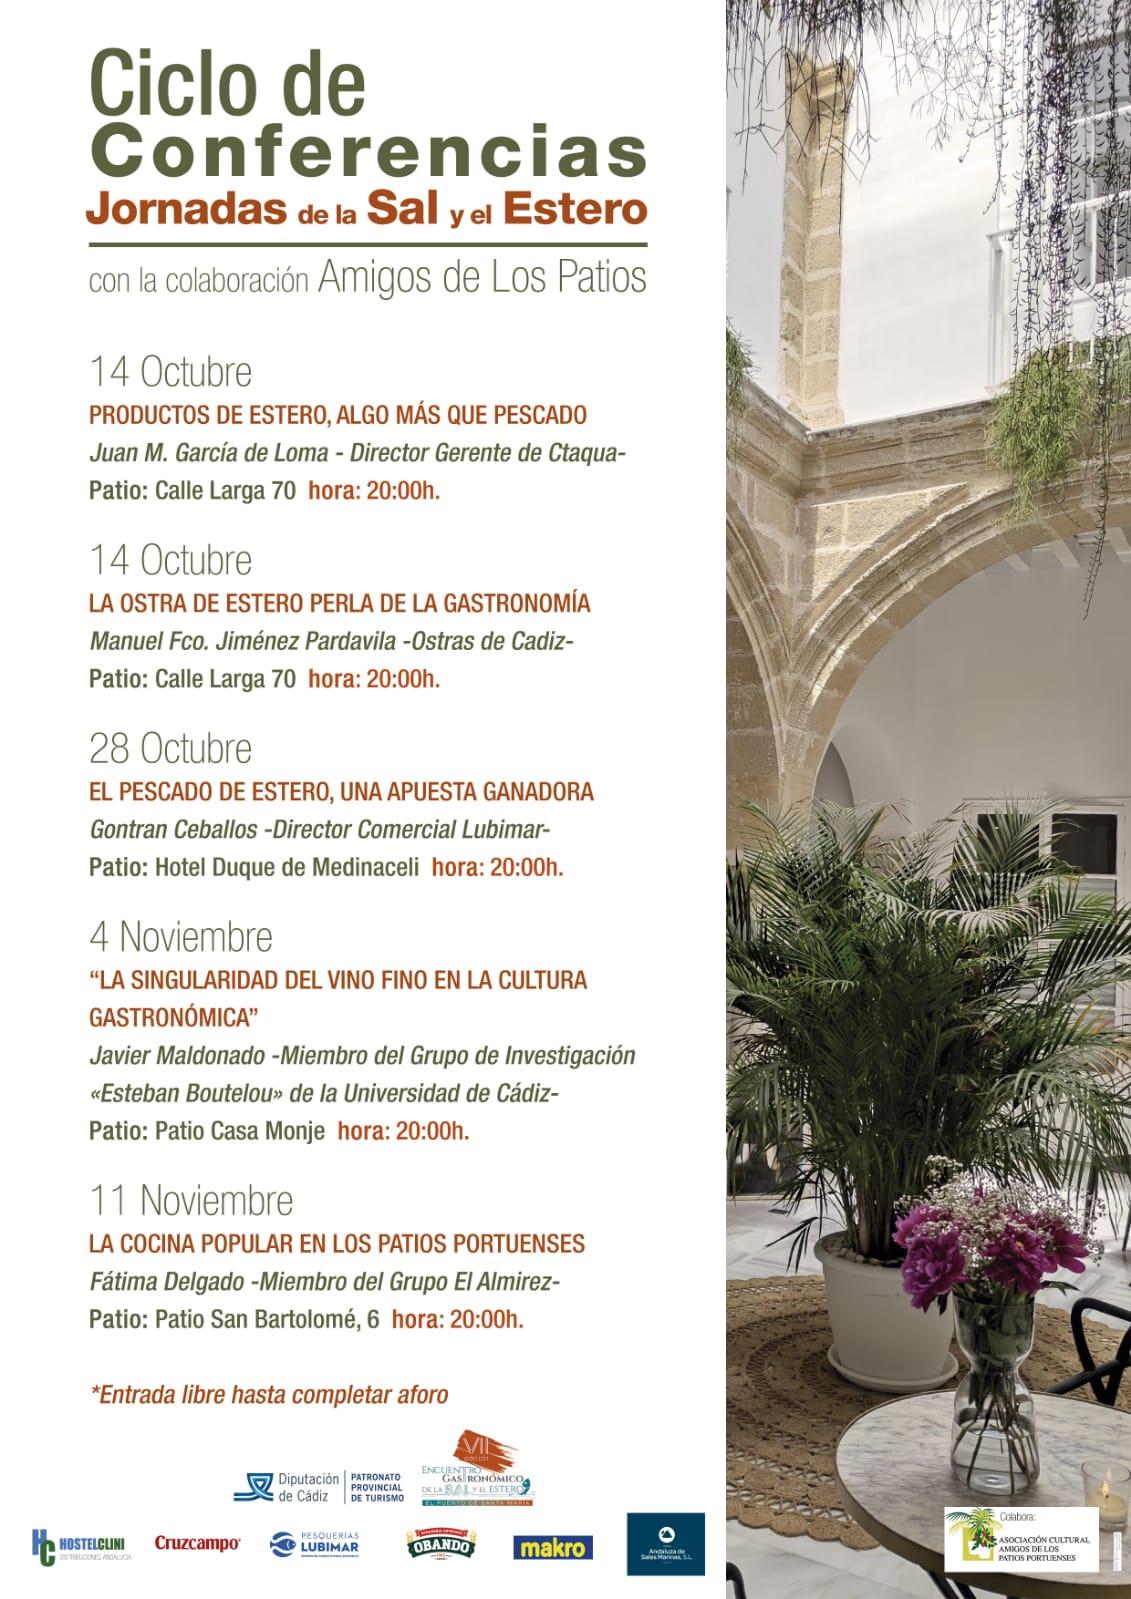 Discover Sherry recommends: Ciclo de Conferencias, Jornadas de la Sal y elEstero